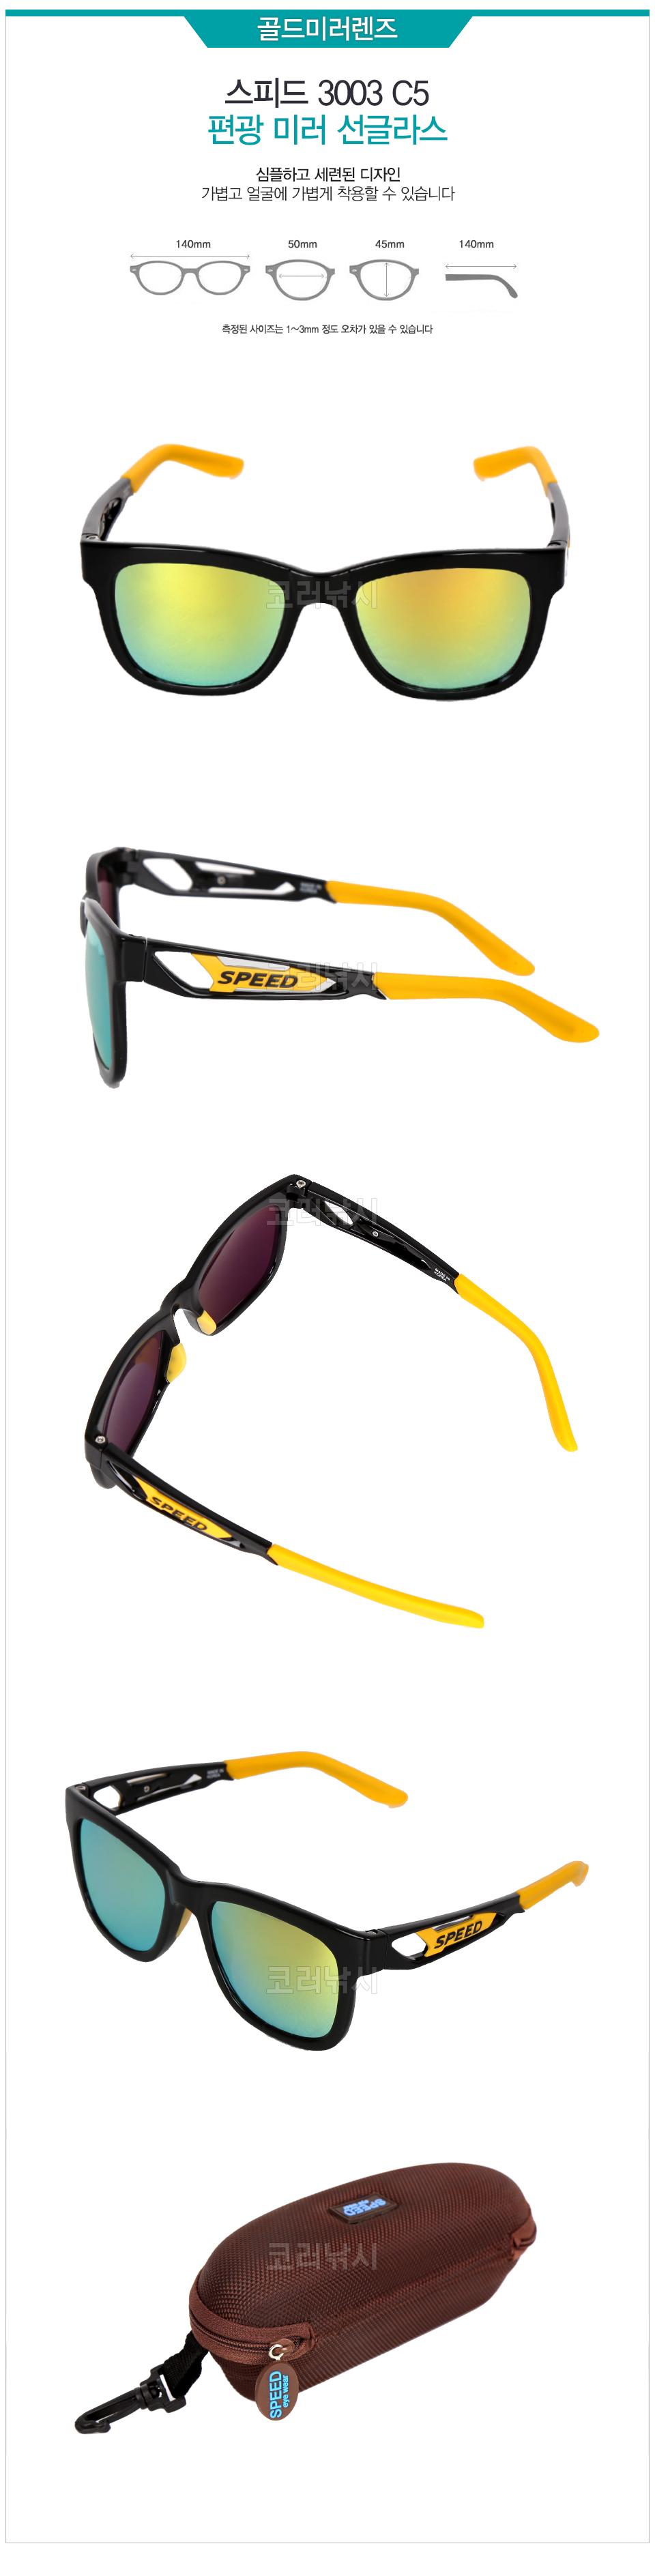 스피드 편광 미러선글라스 3003 C5 (MADE IN KOREA)  스피드썬글라스 SPEED 편광선글라스 미러선글라스